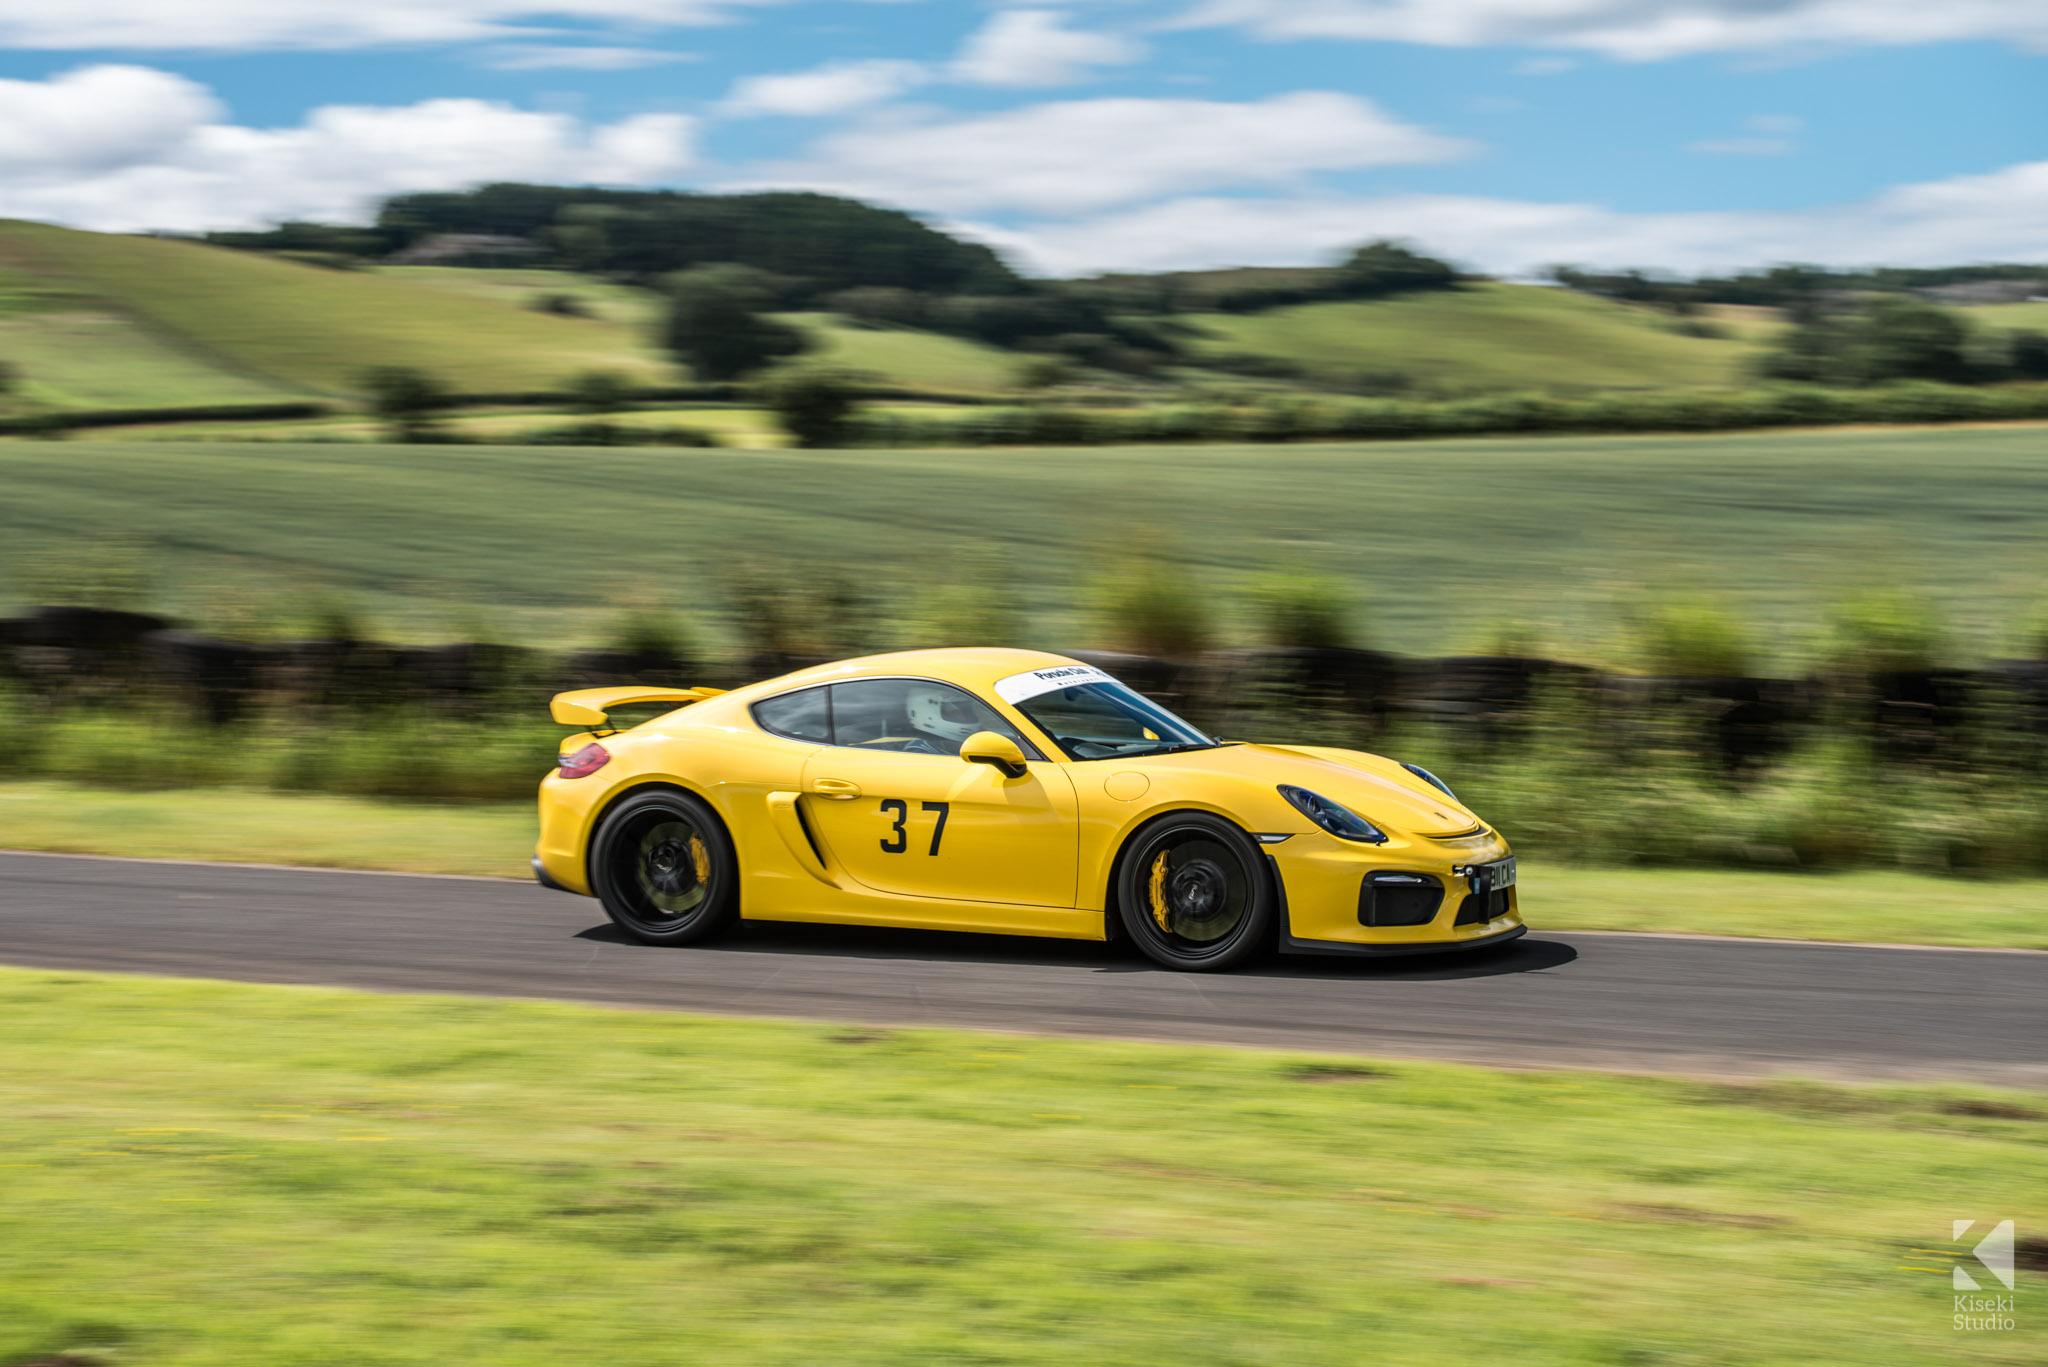 porsche-cayman-gt4-yellow-gorgeous-harewood-speed-hillclimb